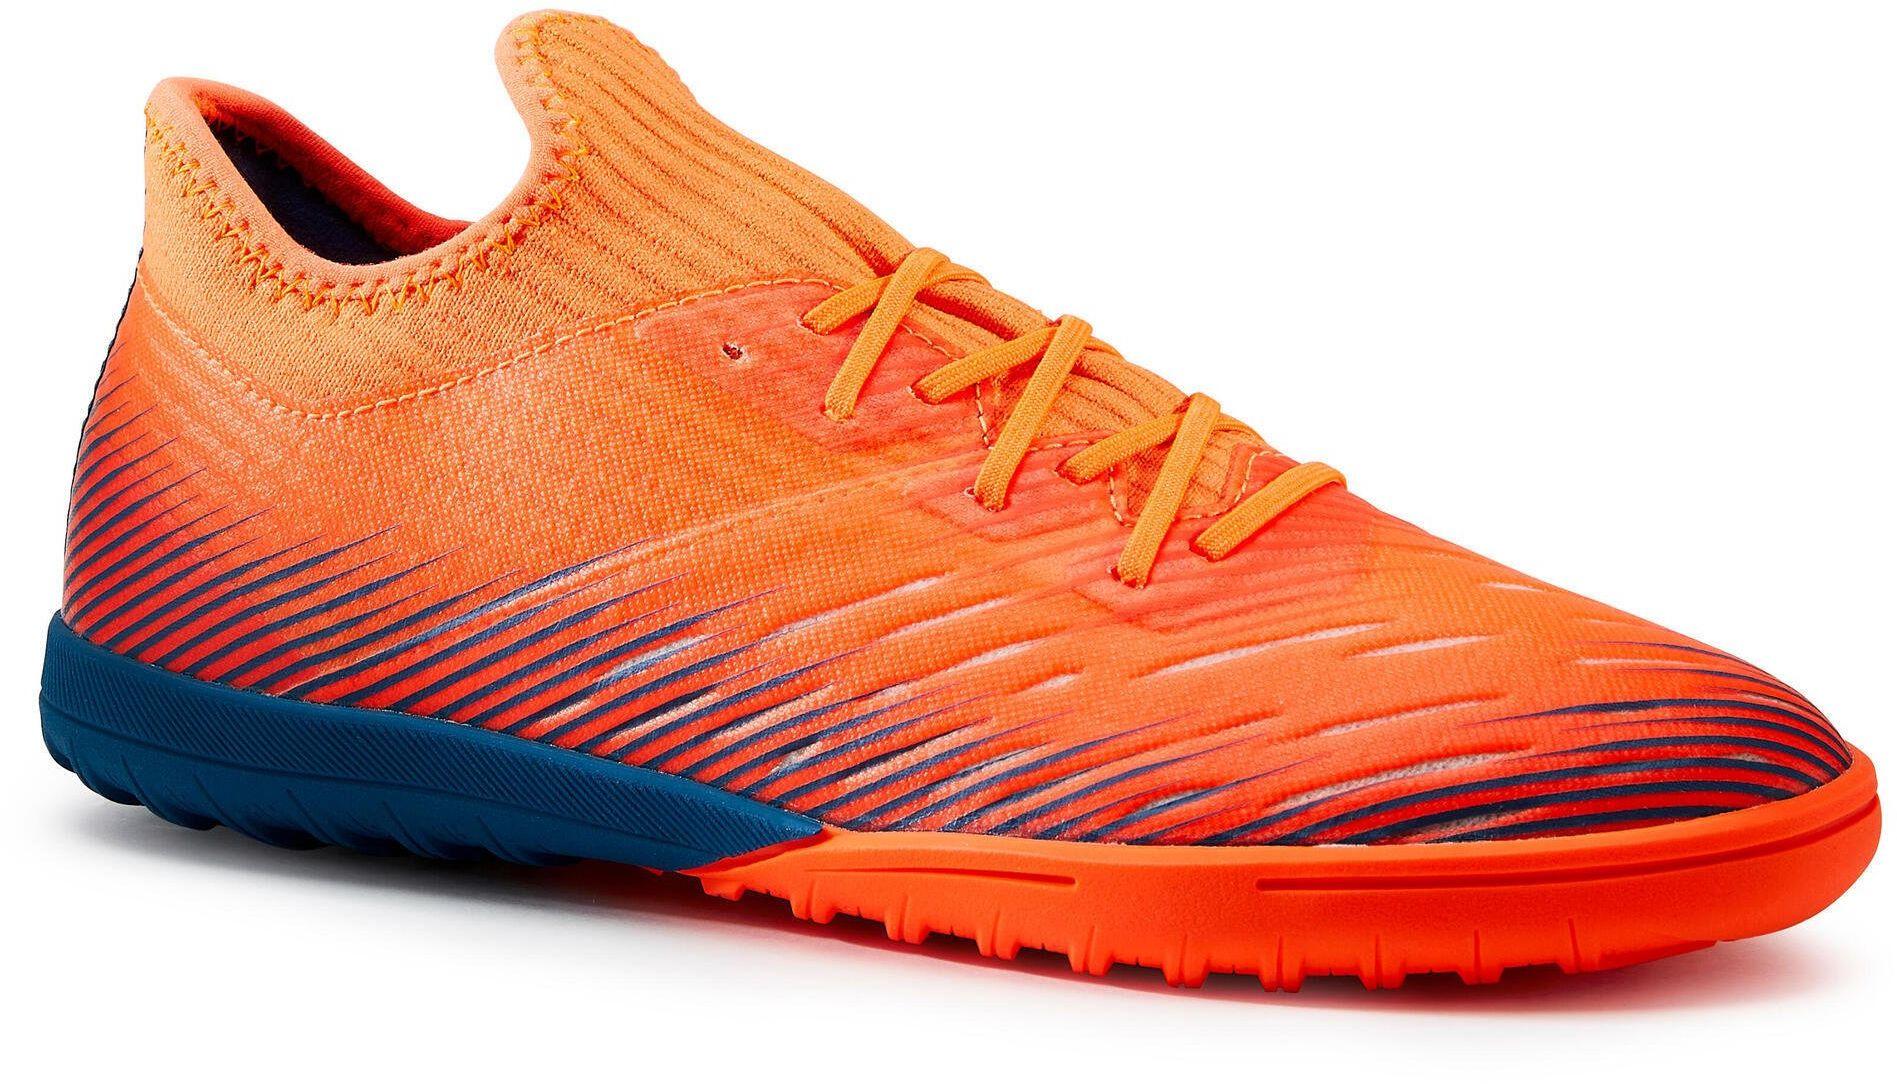 Buty piłkarskie turfy dla dzieci Kipsta Agility 900 HG